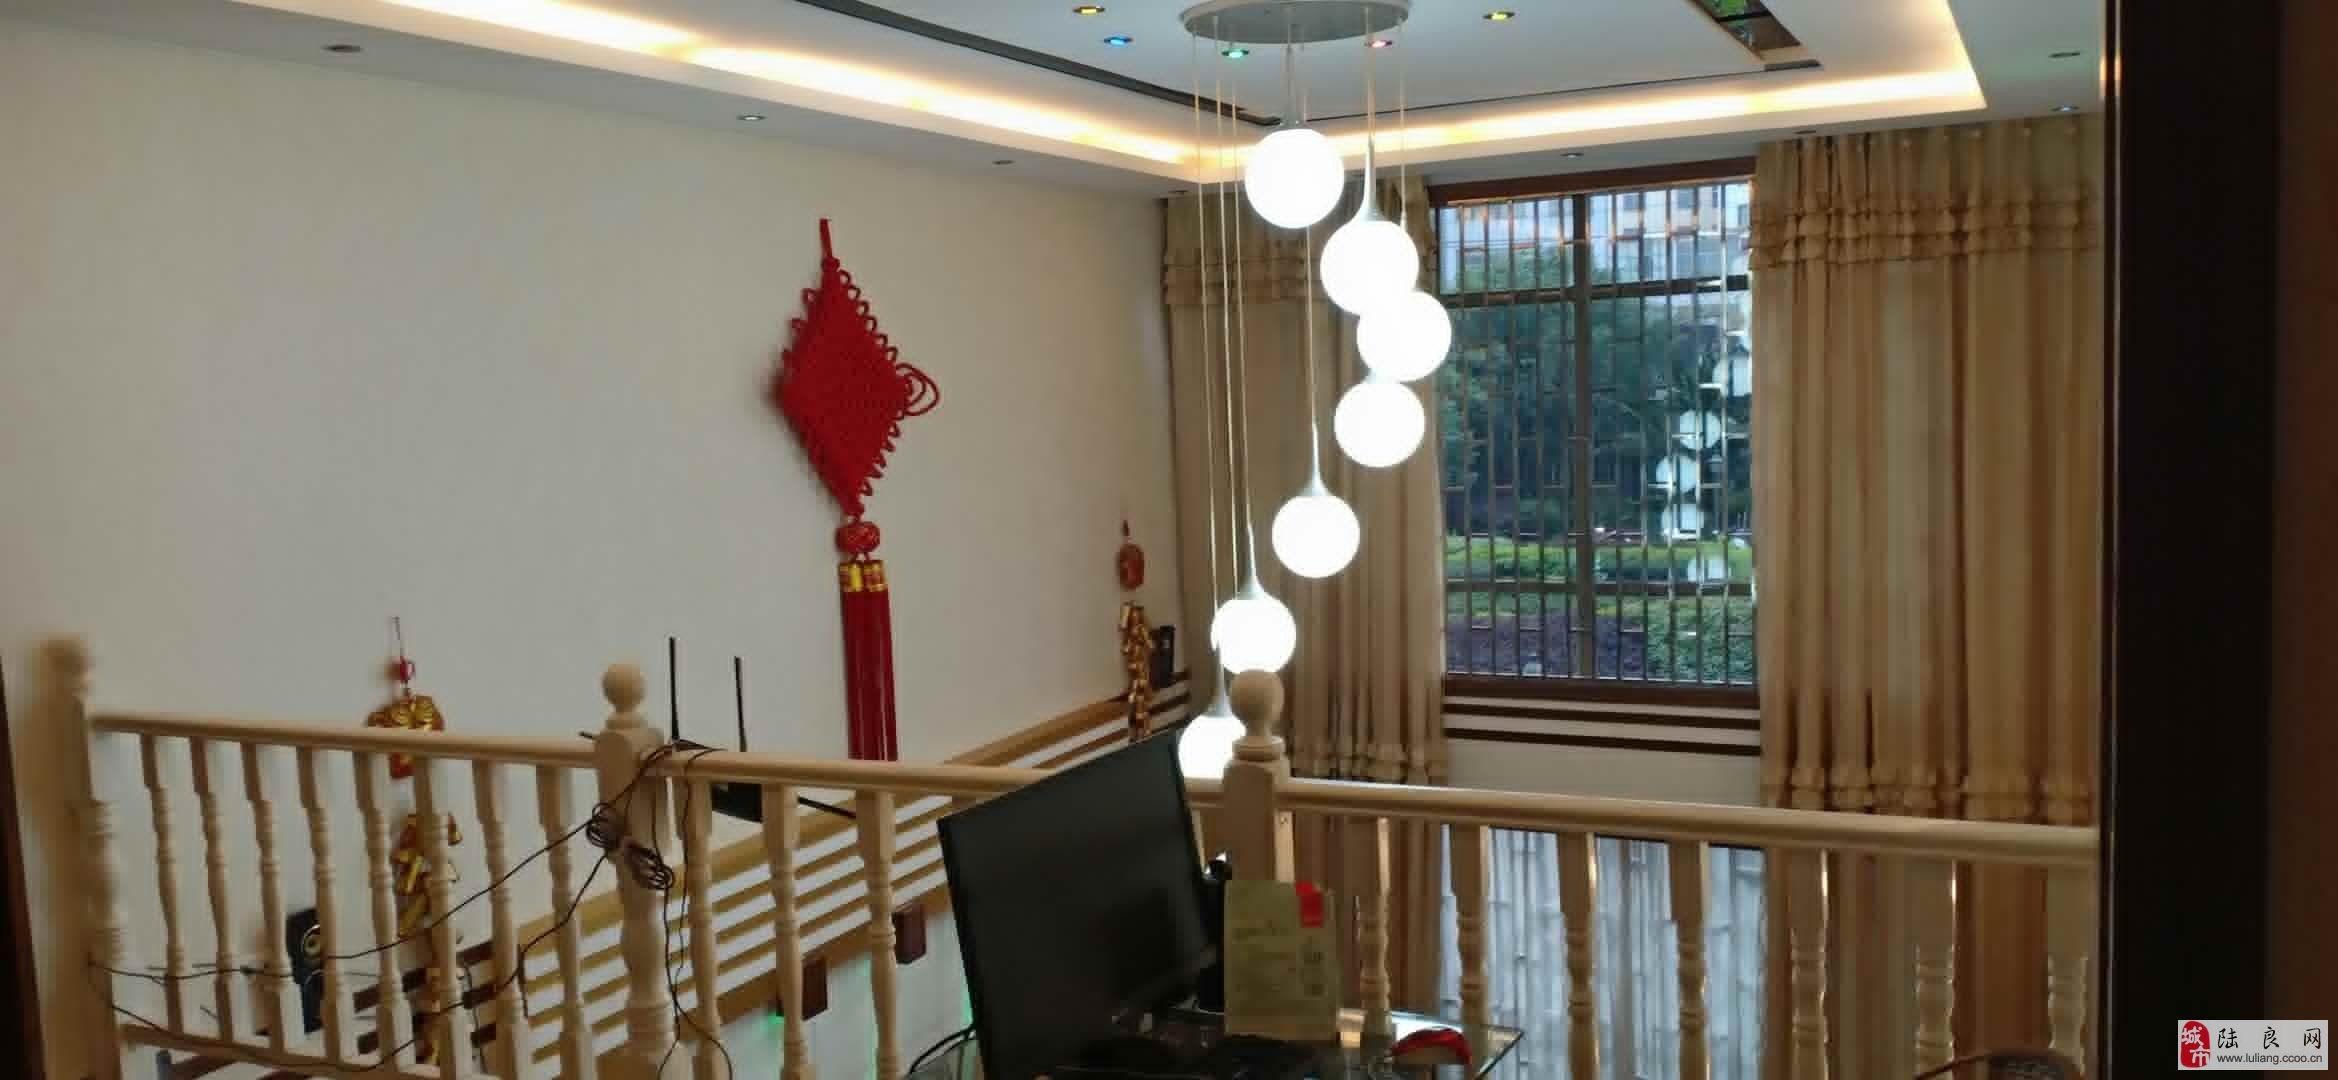 鑫城国际5室2厅2卫中空跃层72.6万元